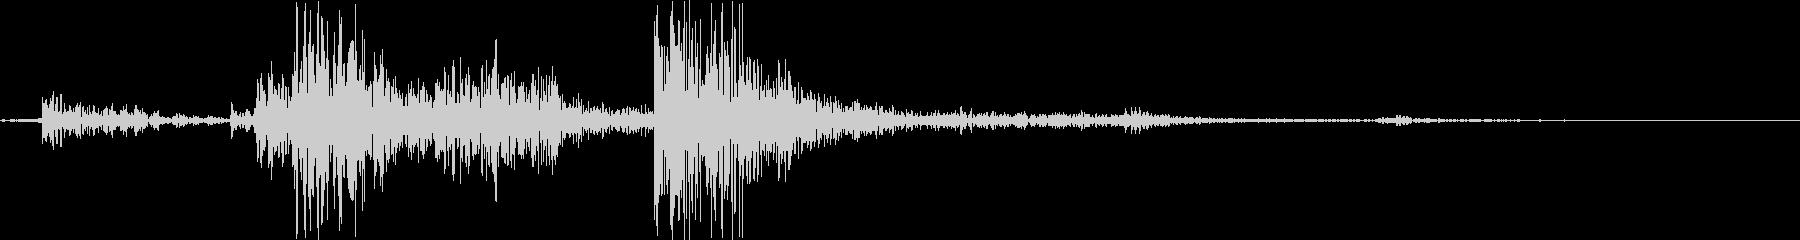 カチャン(お皿の束を置く音)机柔Bの未再生の波形